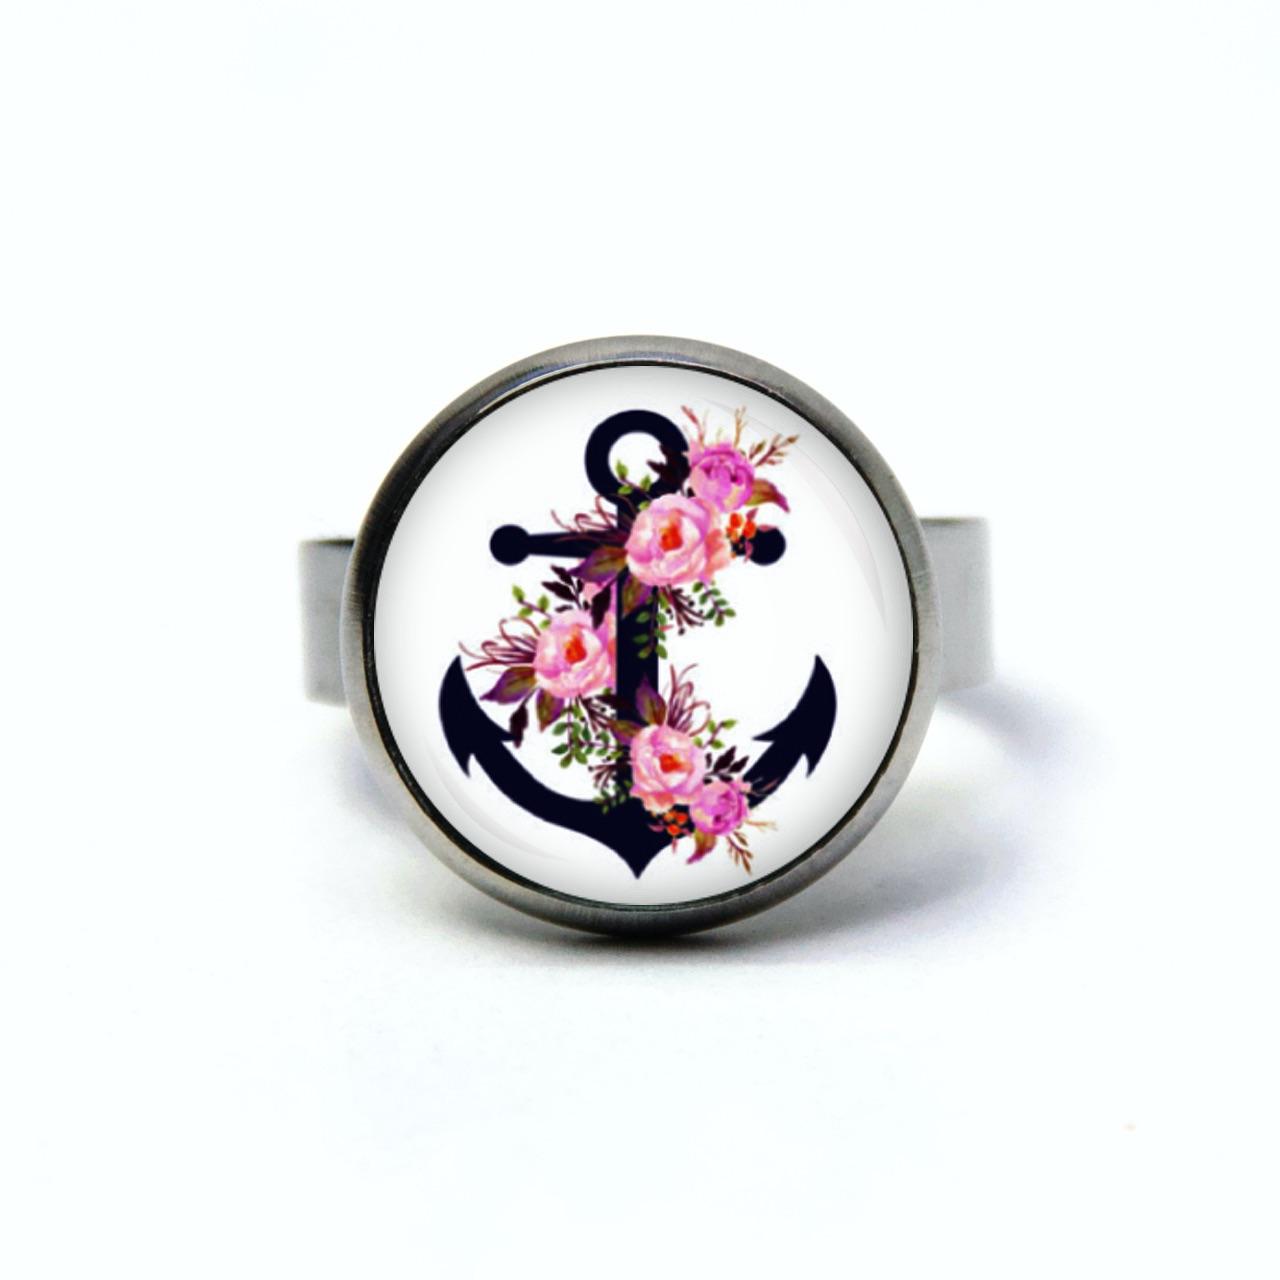 Maritimer Edelstahl Ring blauer Anker mit rosa Rosen - verschiedene Größen